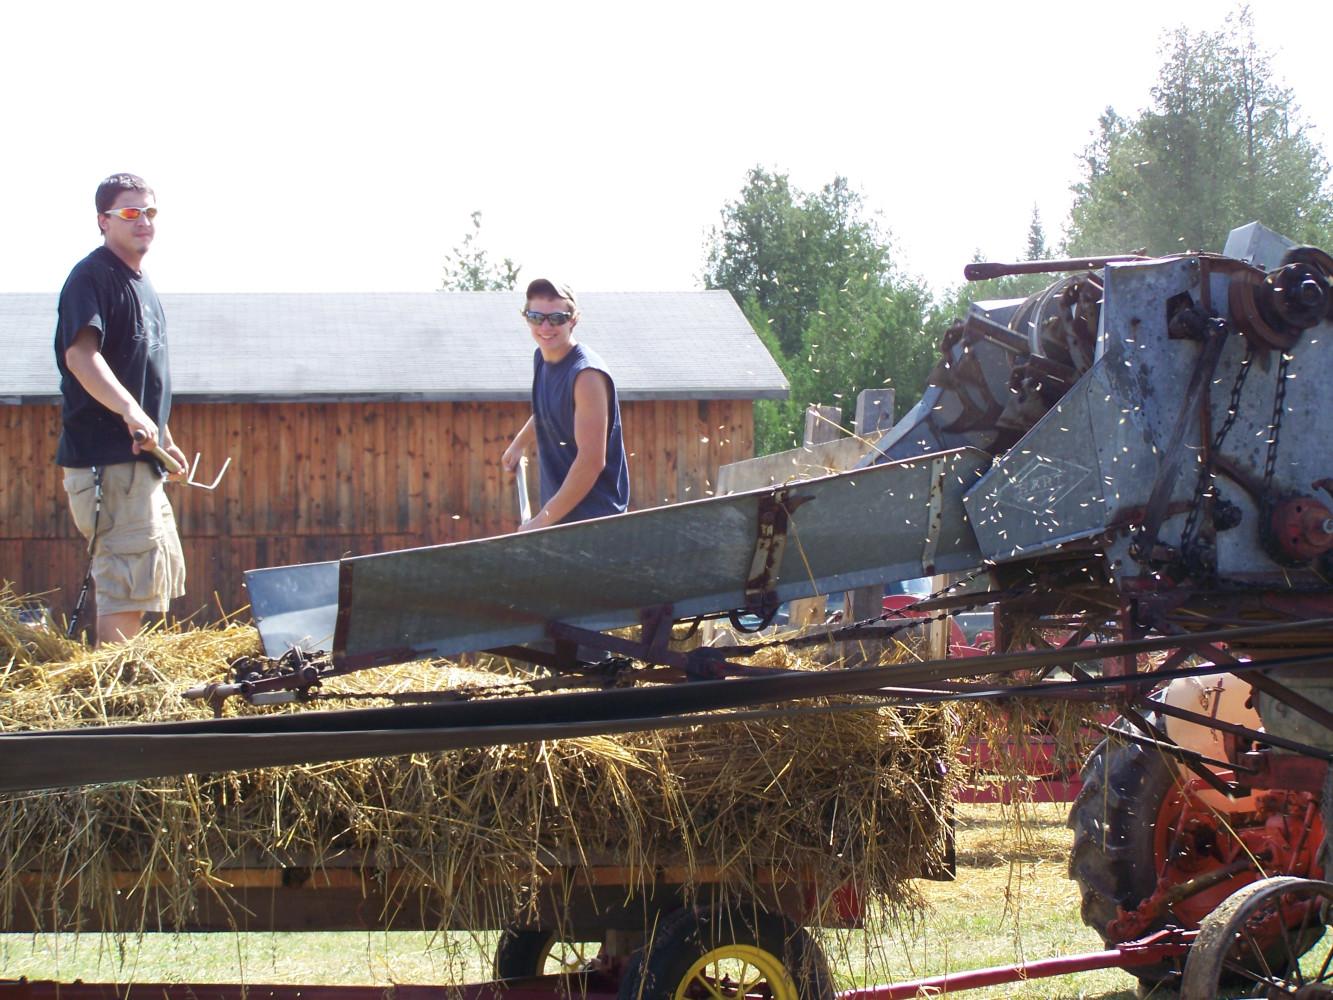 Ryan & Ethan feeding the thresher